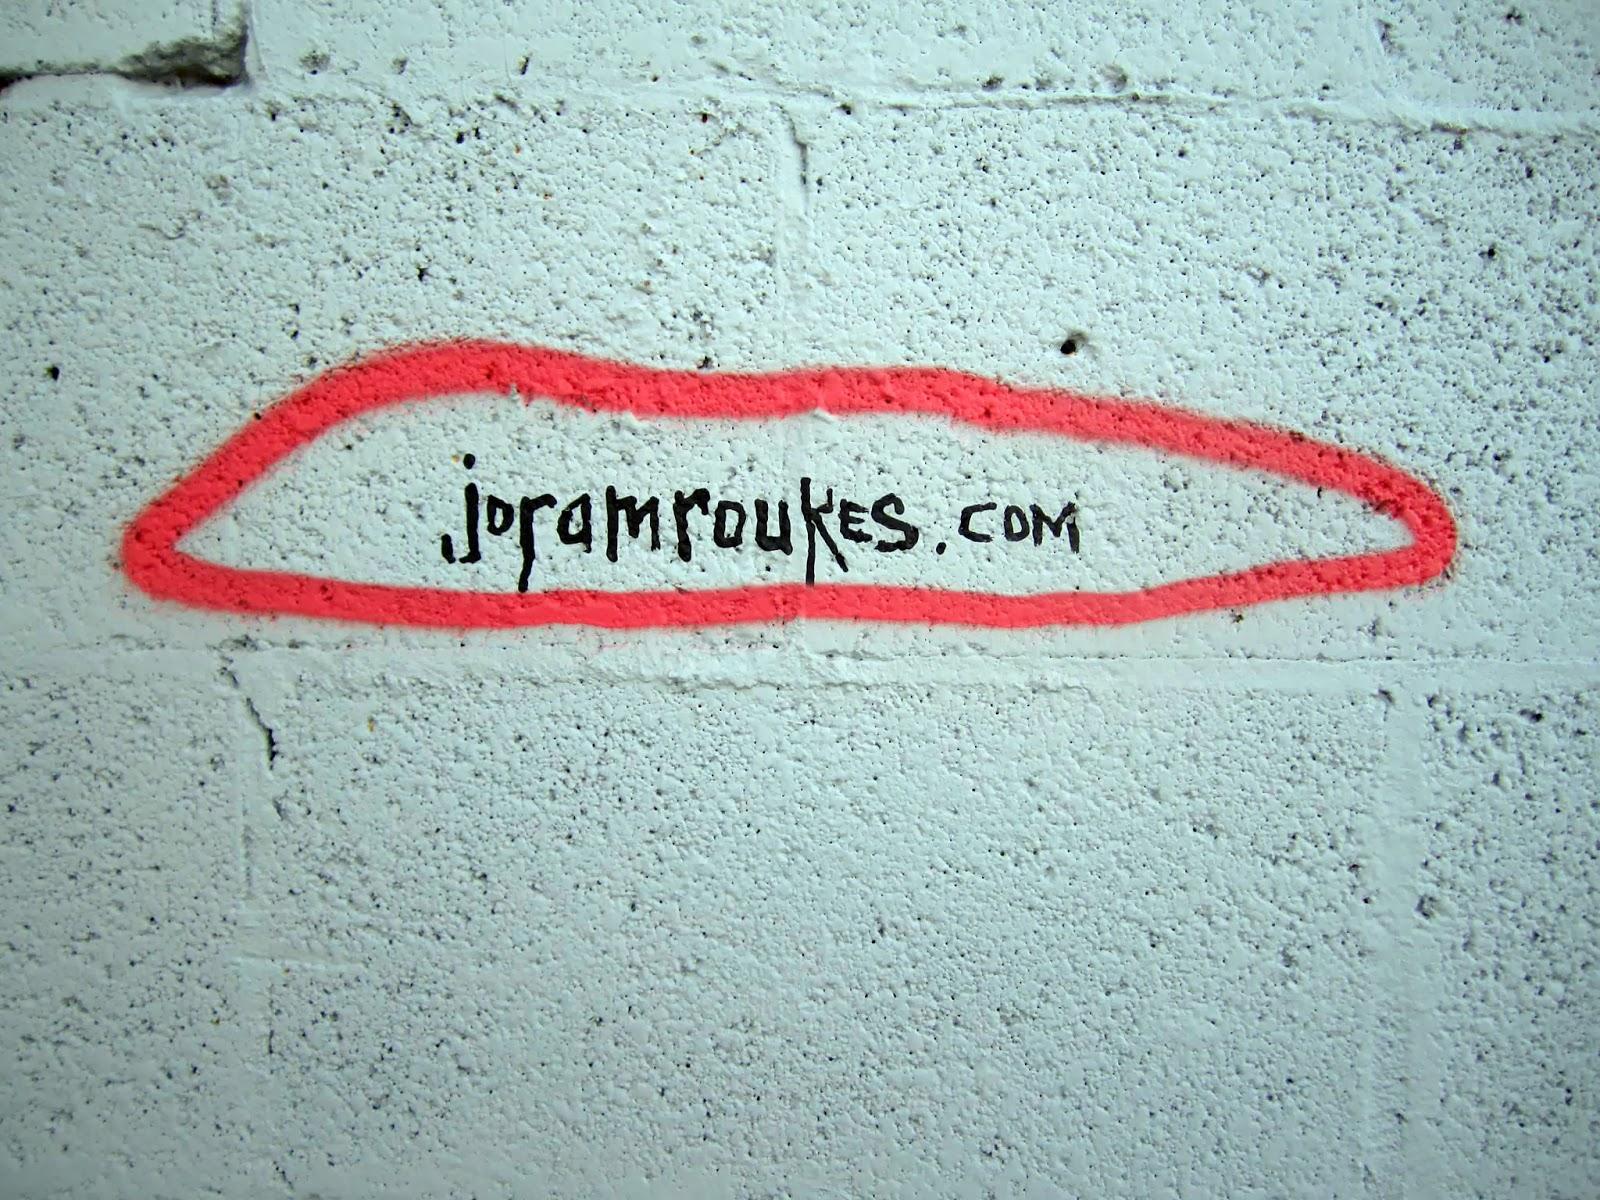 joram-roukes-new-mural-for-art-basel-2013-05